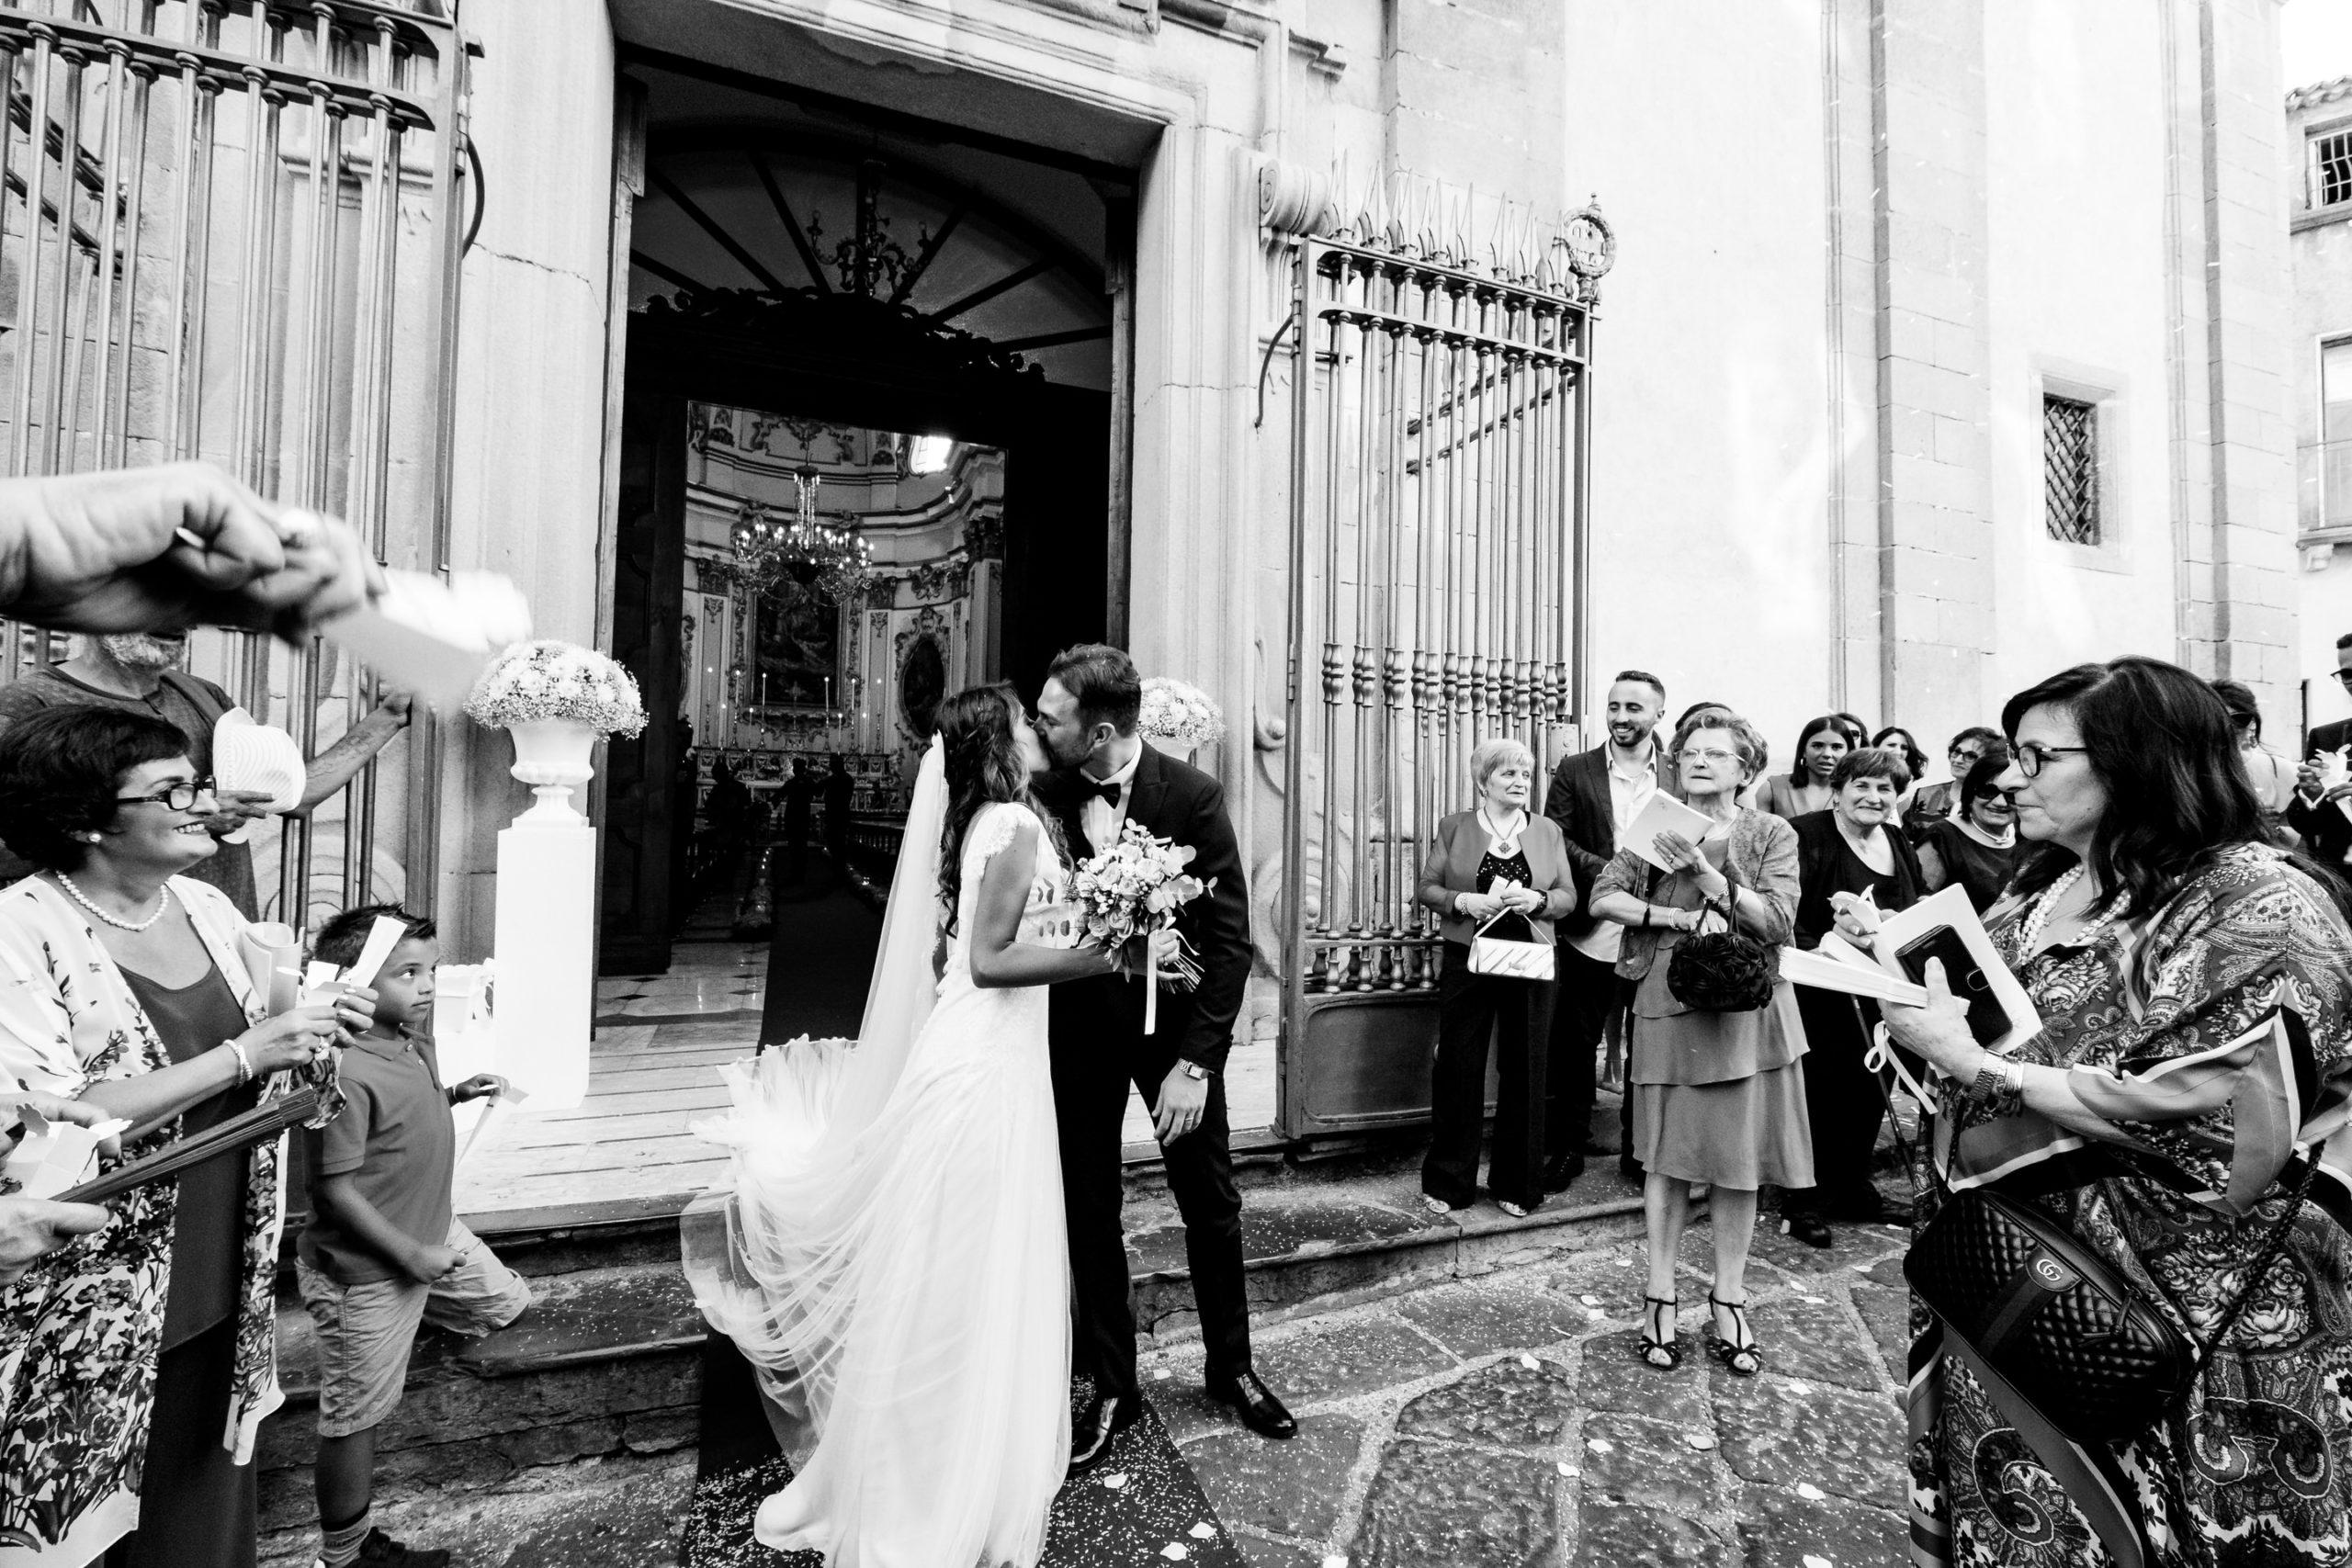 Kiss At Church Exiting